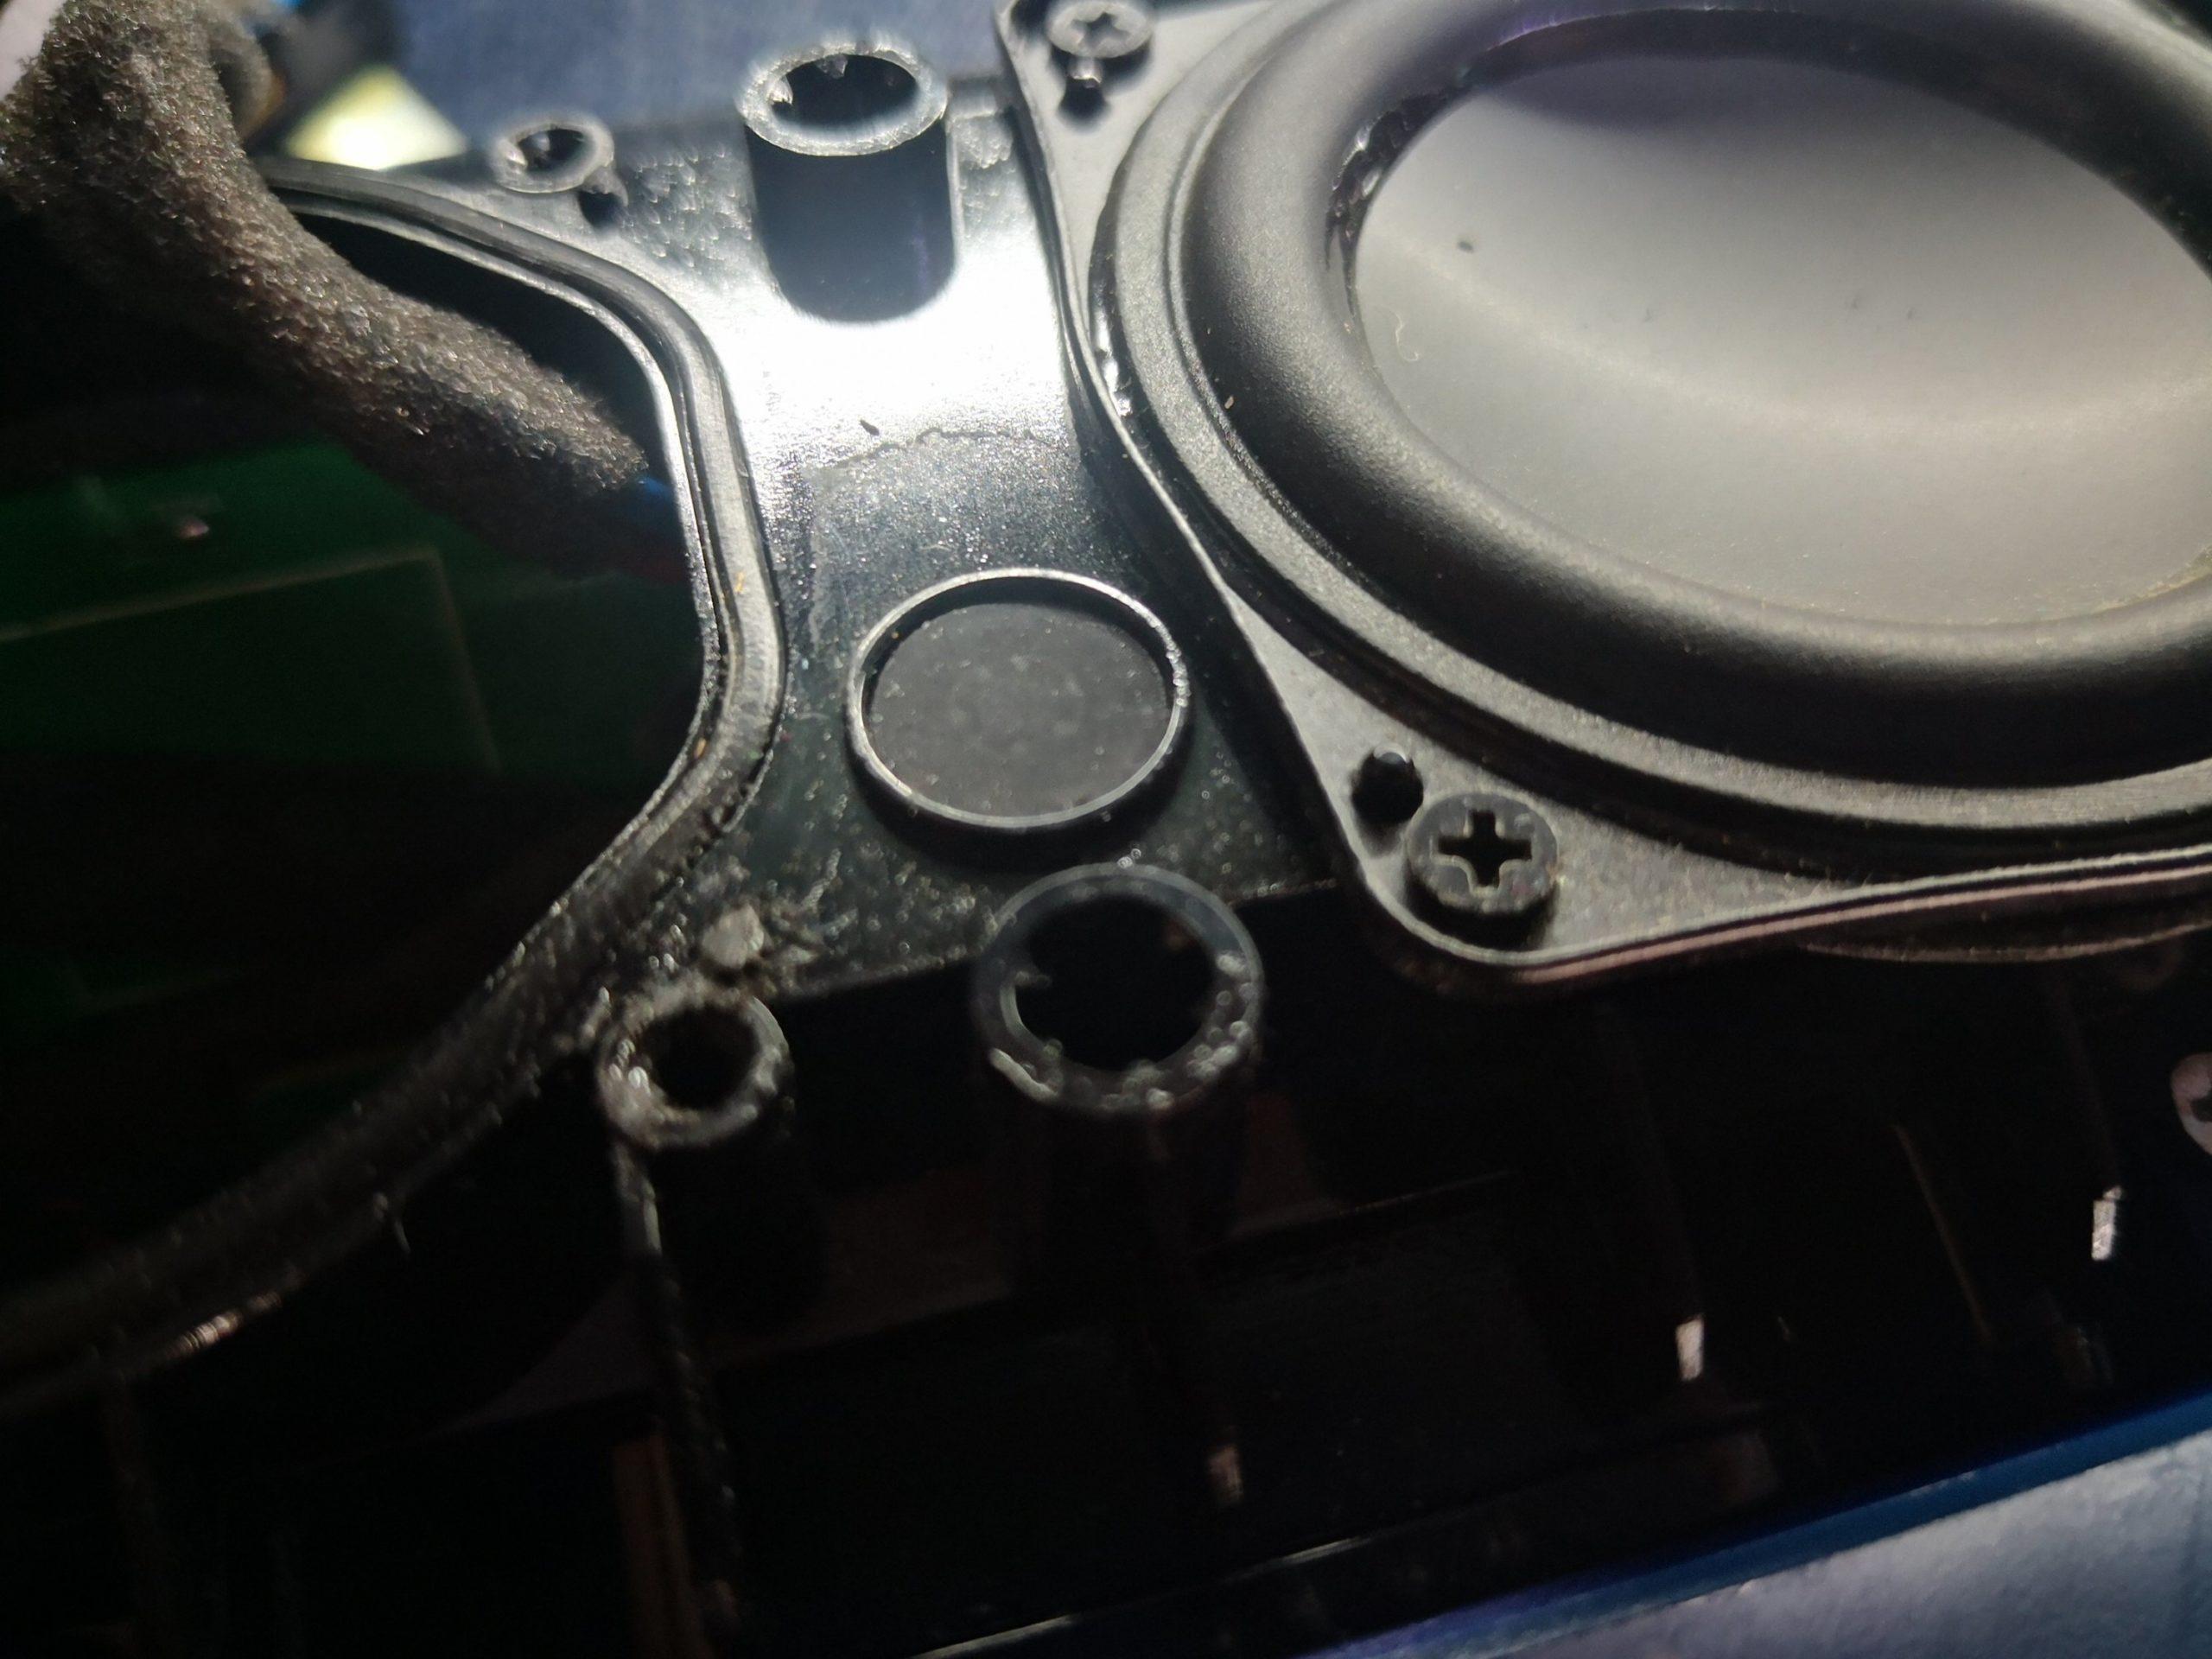 Динамик на JBL Charge 3 стал хрипеть - замена динамика